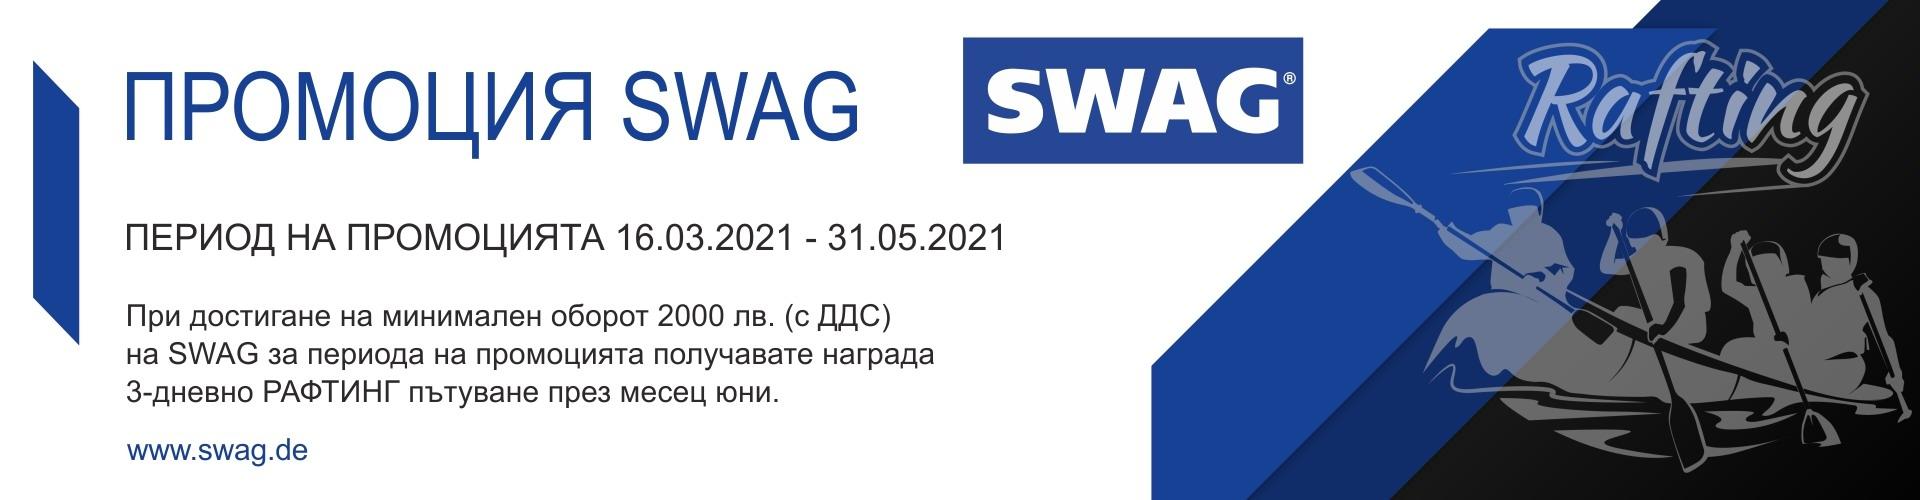 promo_swag_16.03.2021-31.05.2021_banner_.jpg